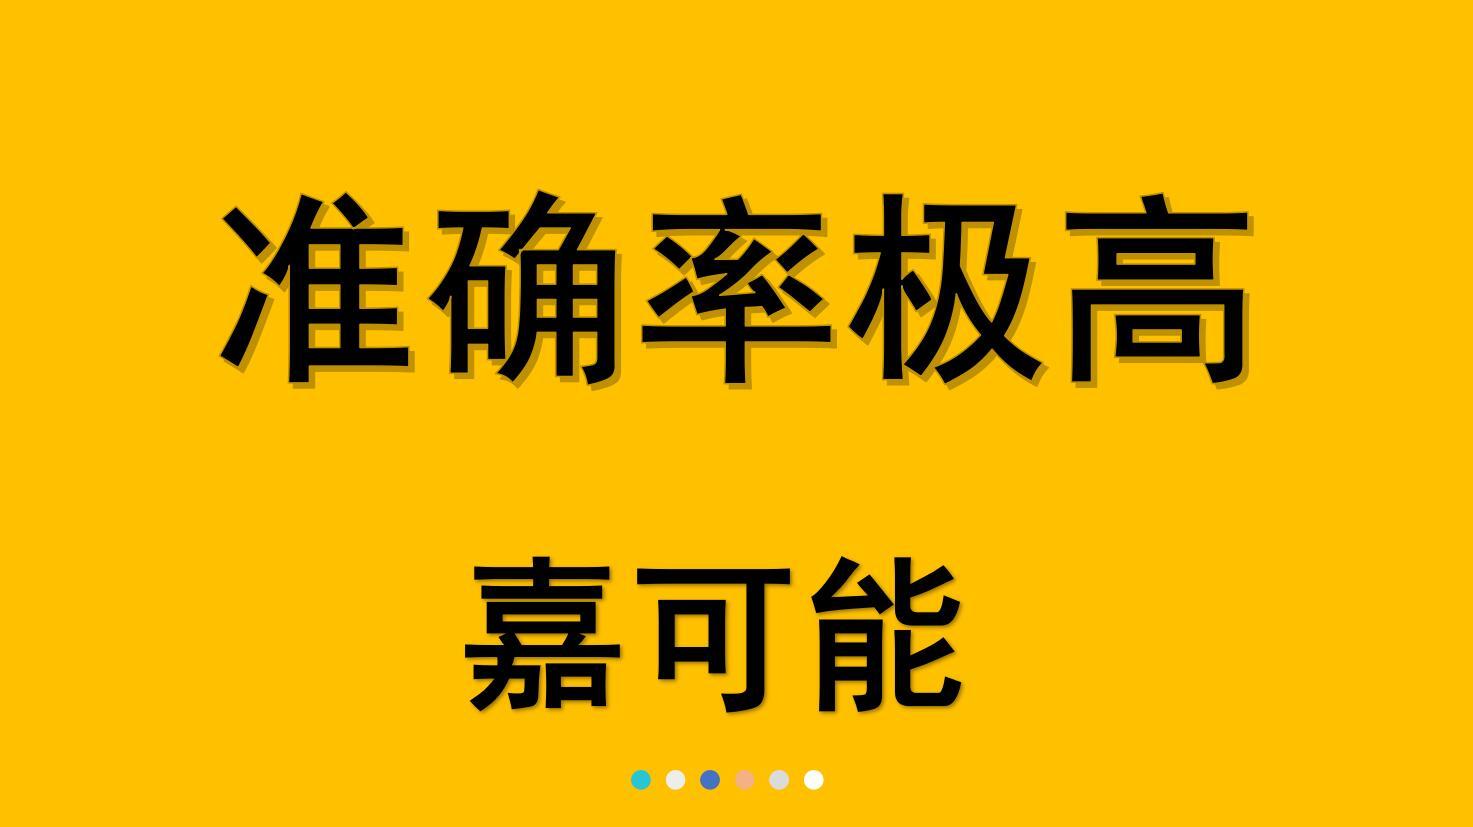 股票缠论:贵州茅台、片仔癀、京东方缠论稳定性决定,海底捞月指标准确率极高!(04月07日)